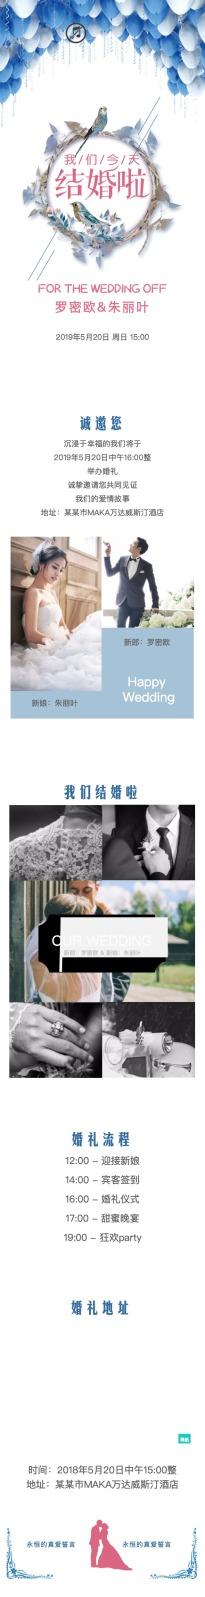 小清新婚礼 新婚快乐电子邀请函模版